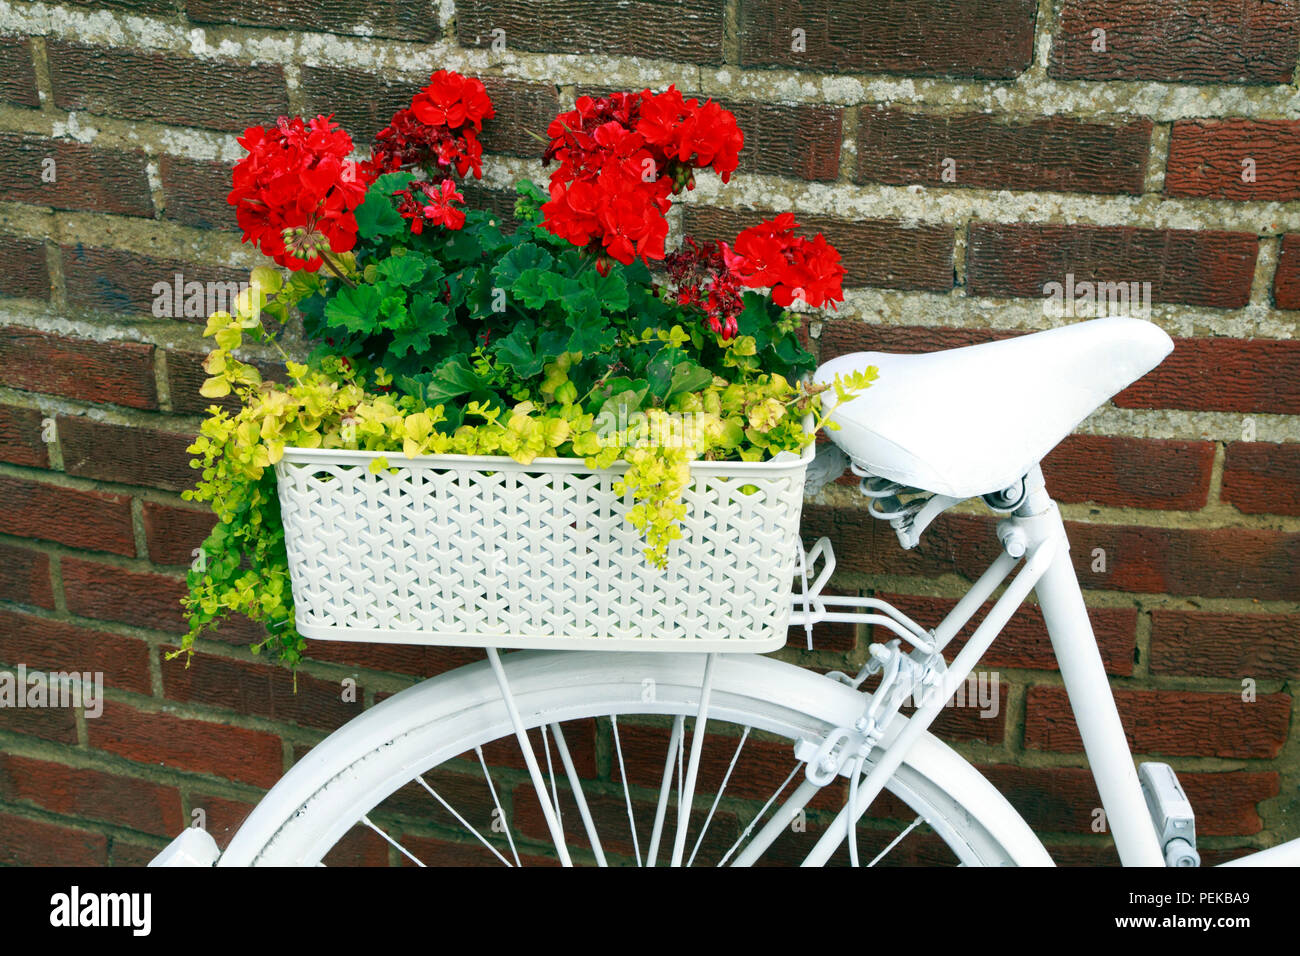 Hunstanton in voller Blüte, ungewöhnliche Pflanze Container, weiß lackiert, Fahrradverleih, Bettwäsche Pflanzen Stockbild